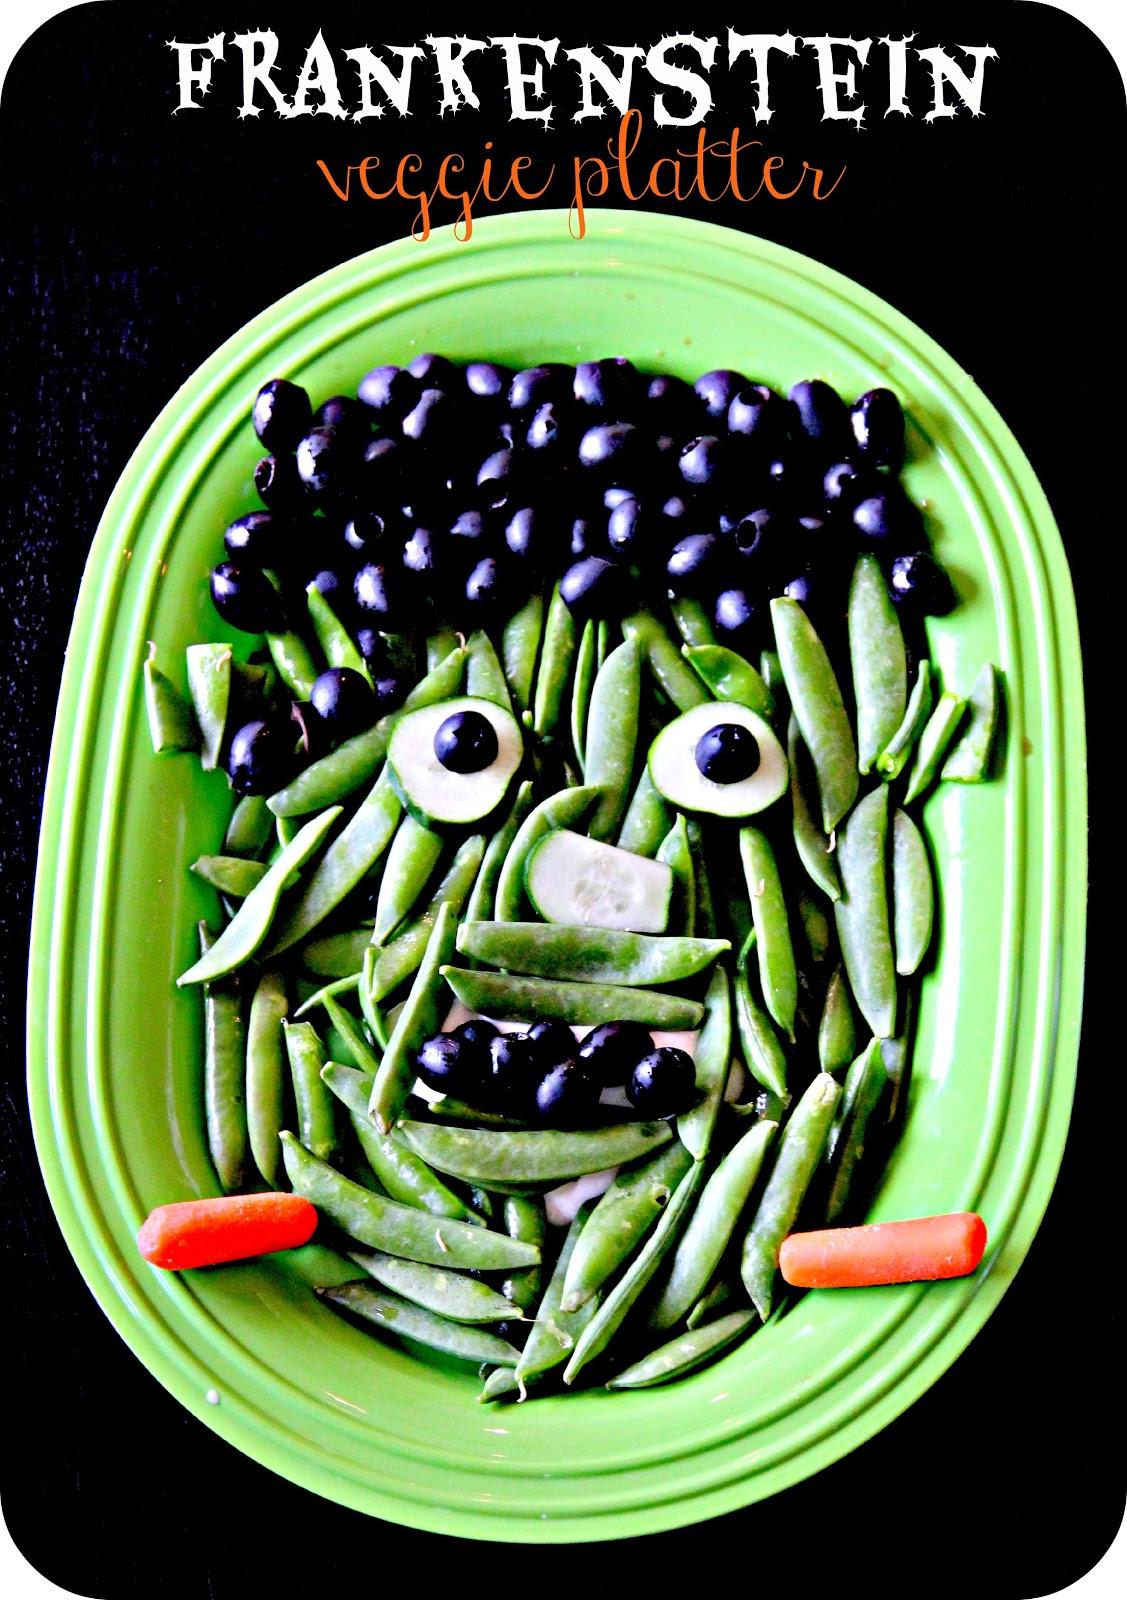 Frankenstein Veggie Platter